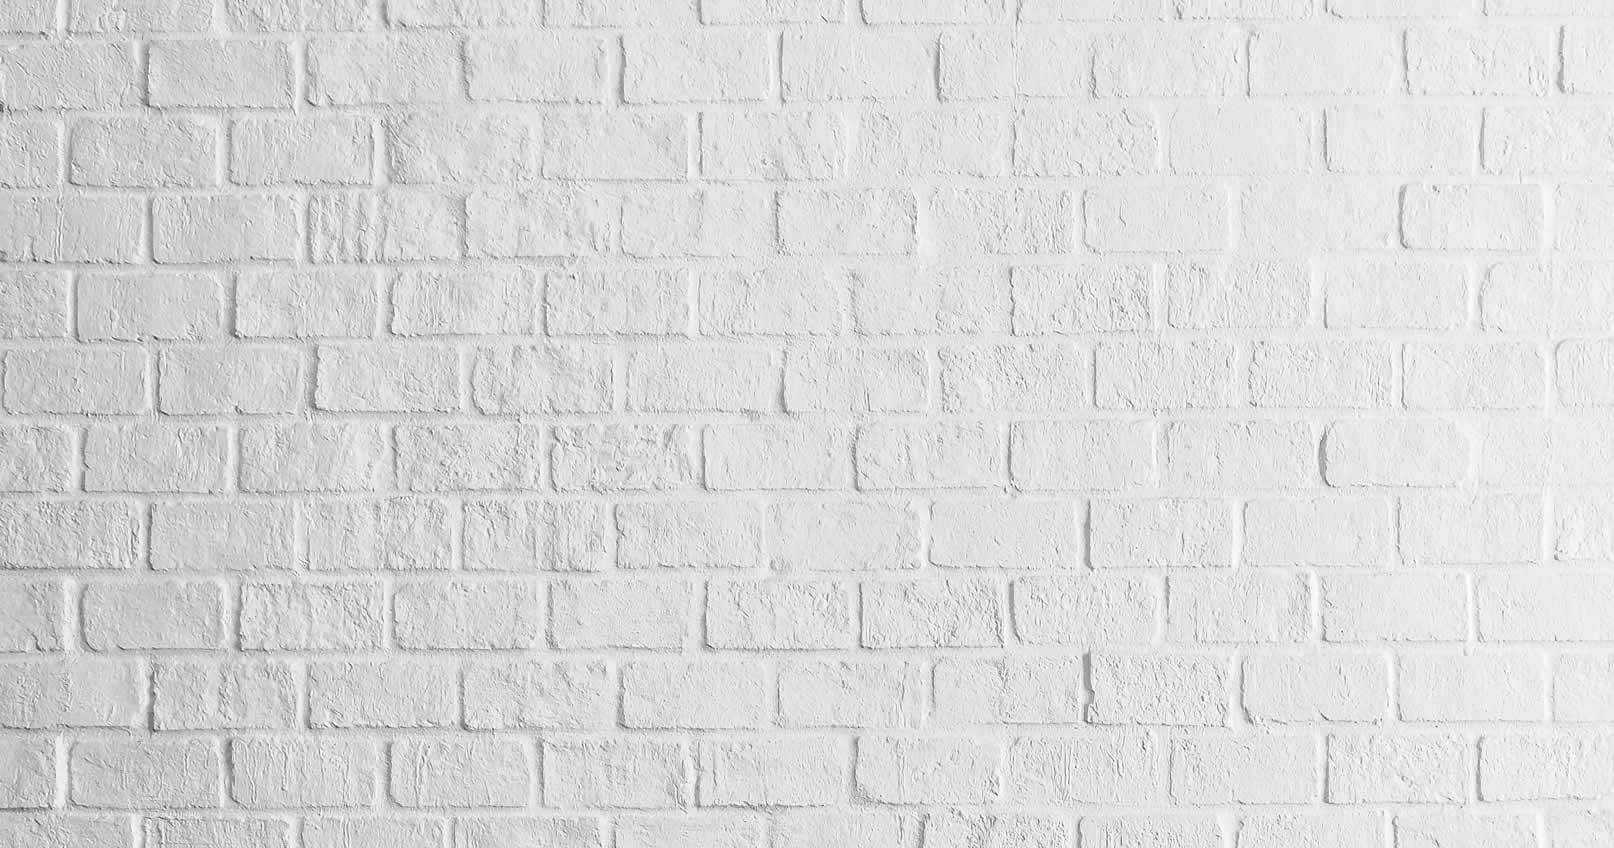 muro-branco